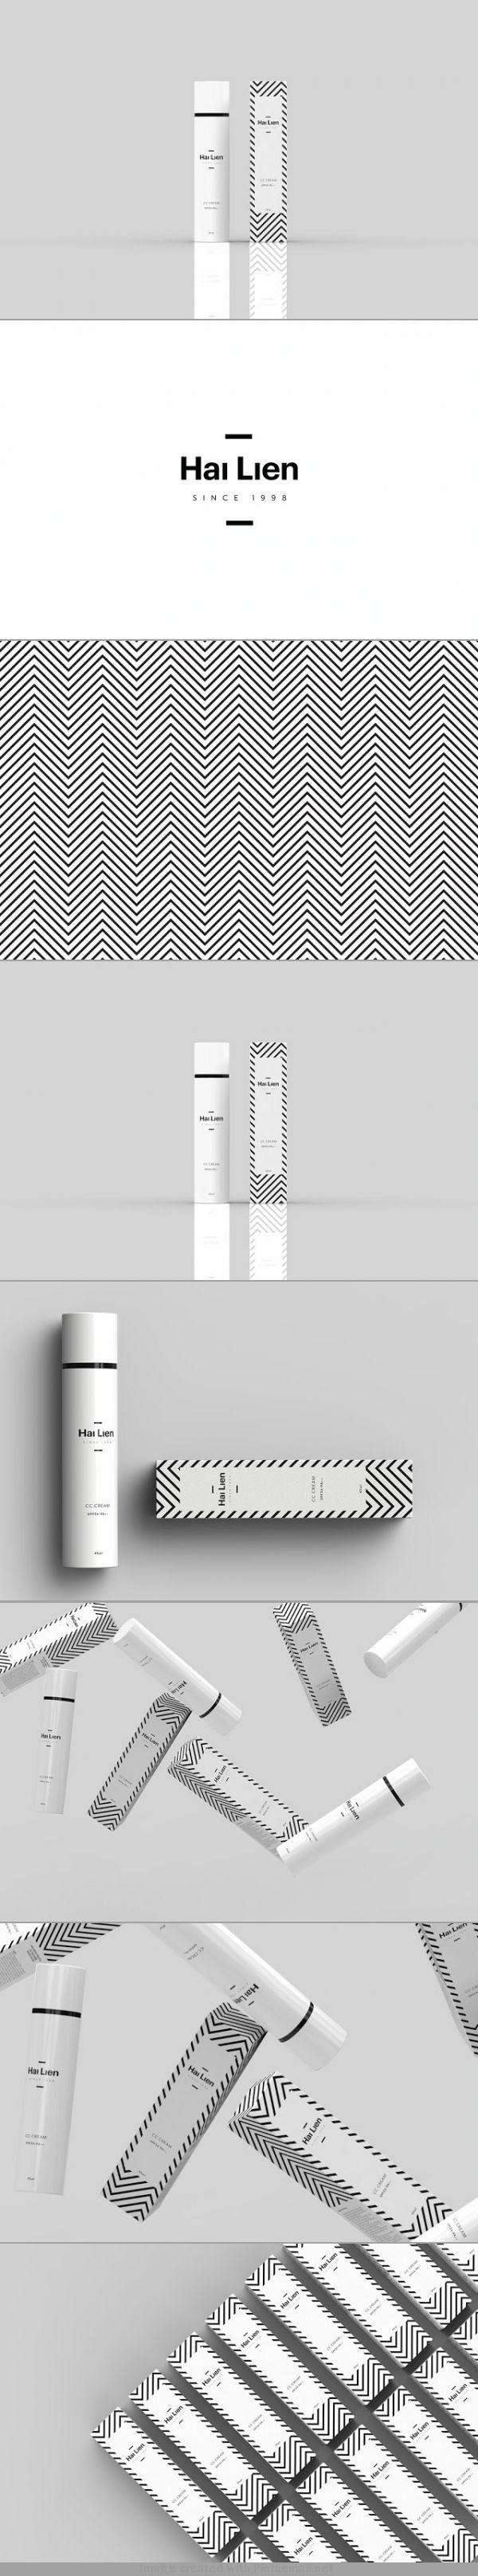 Hai Lien branding and packaging. #packaging #branding